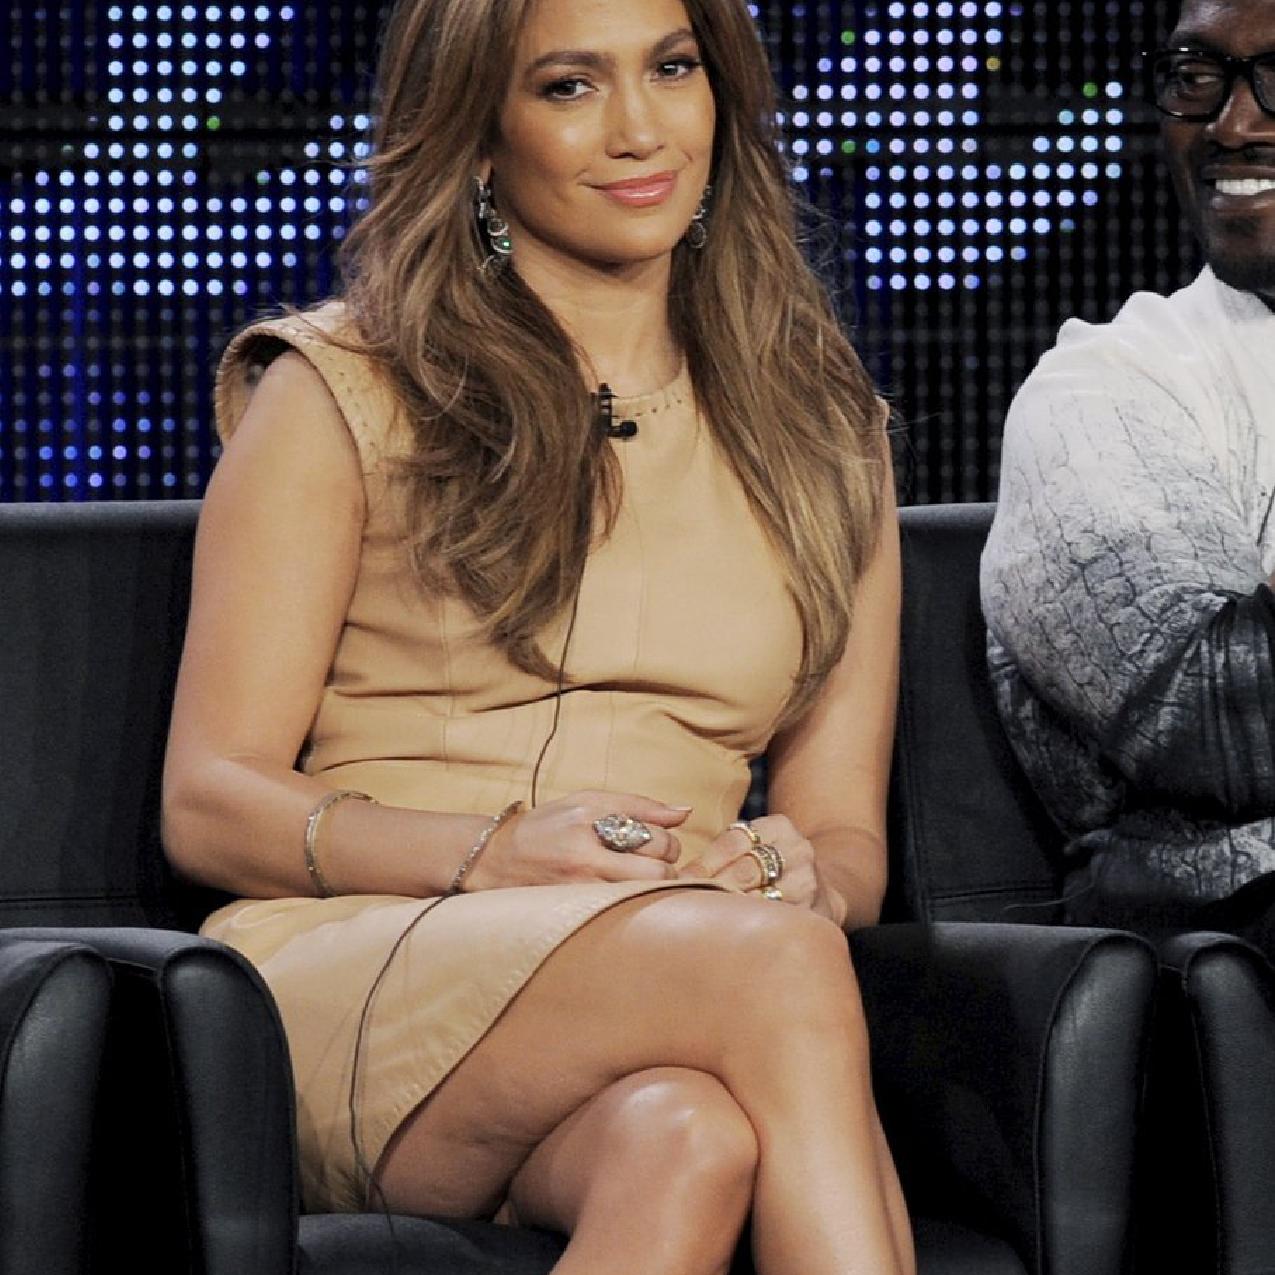 8 momentos en que la celulitis traicionó a Jennifer Lopez. - Univision